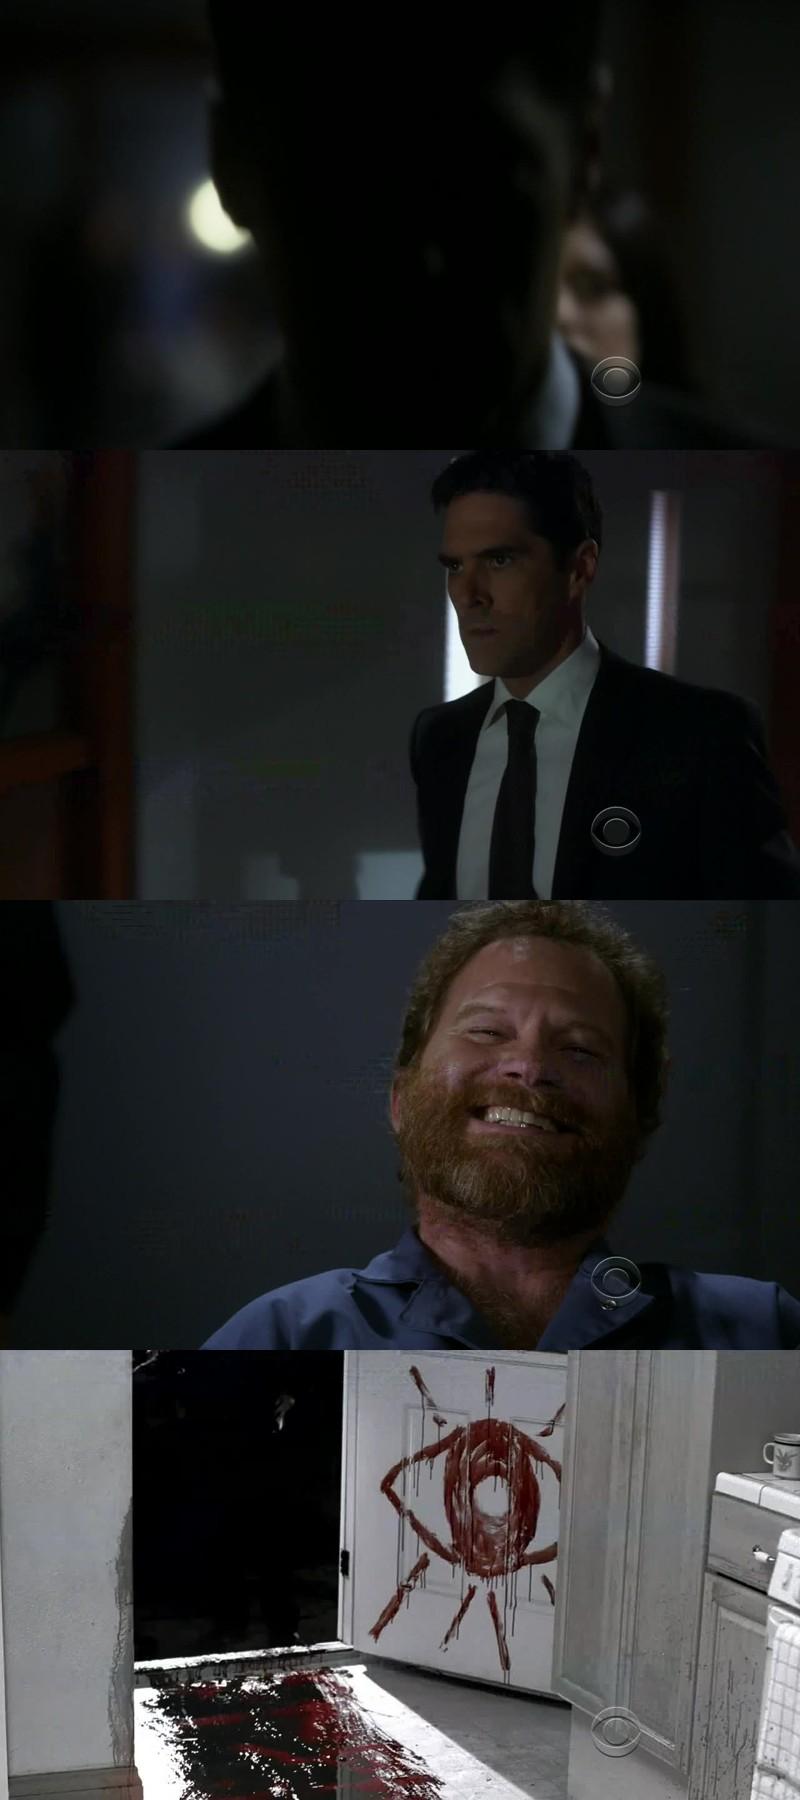 povero hotch... quel seriao killer lo sta uccidendo da dentro! povero 😢❤